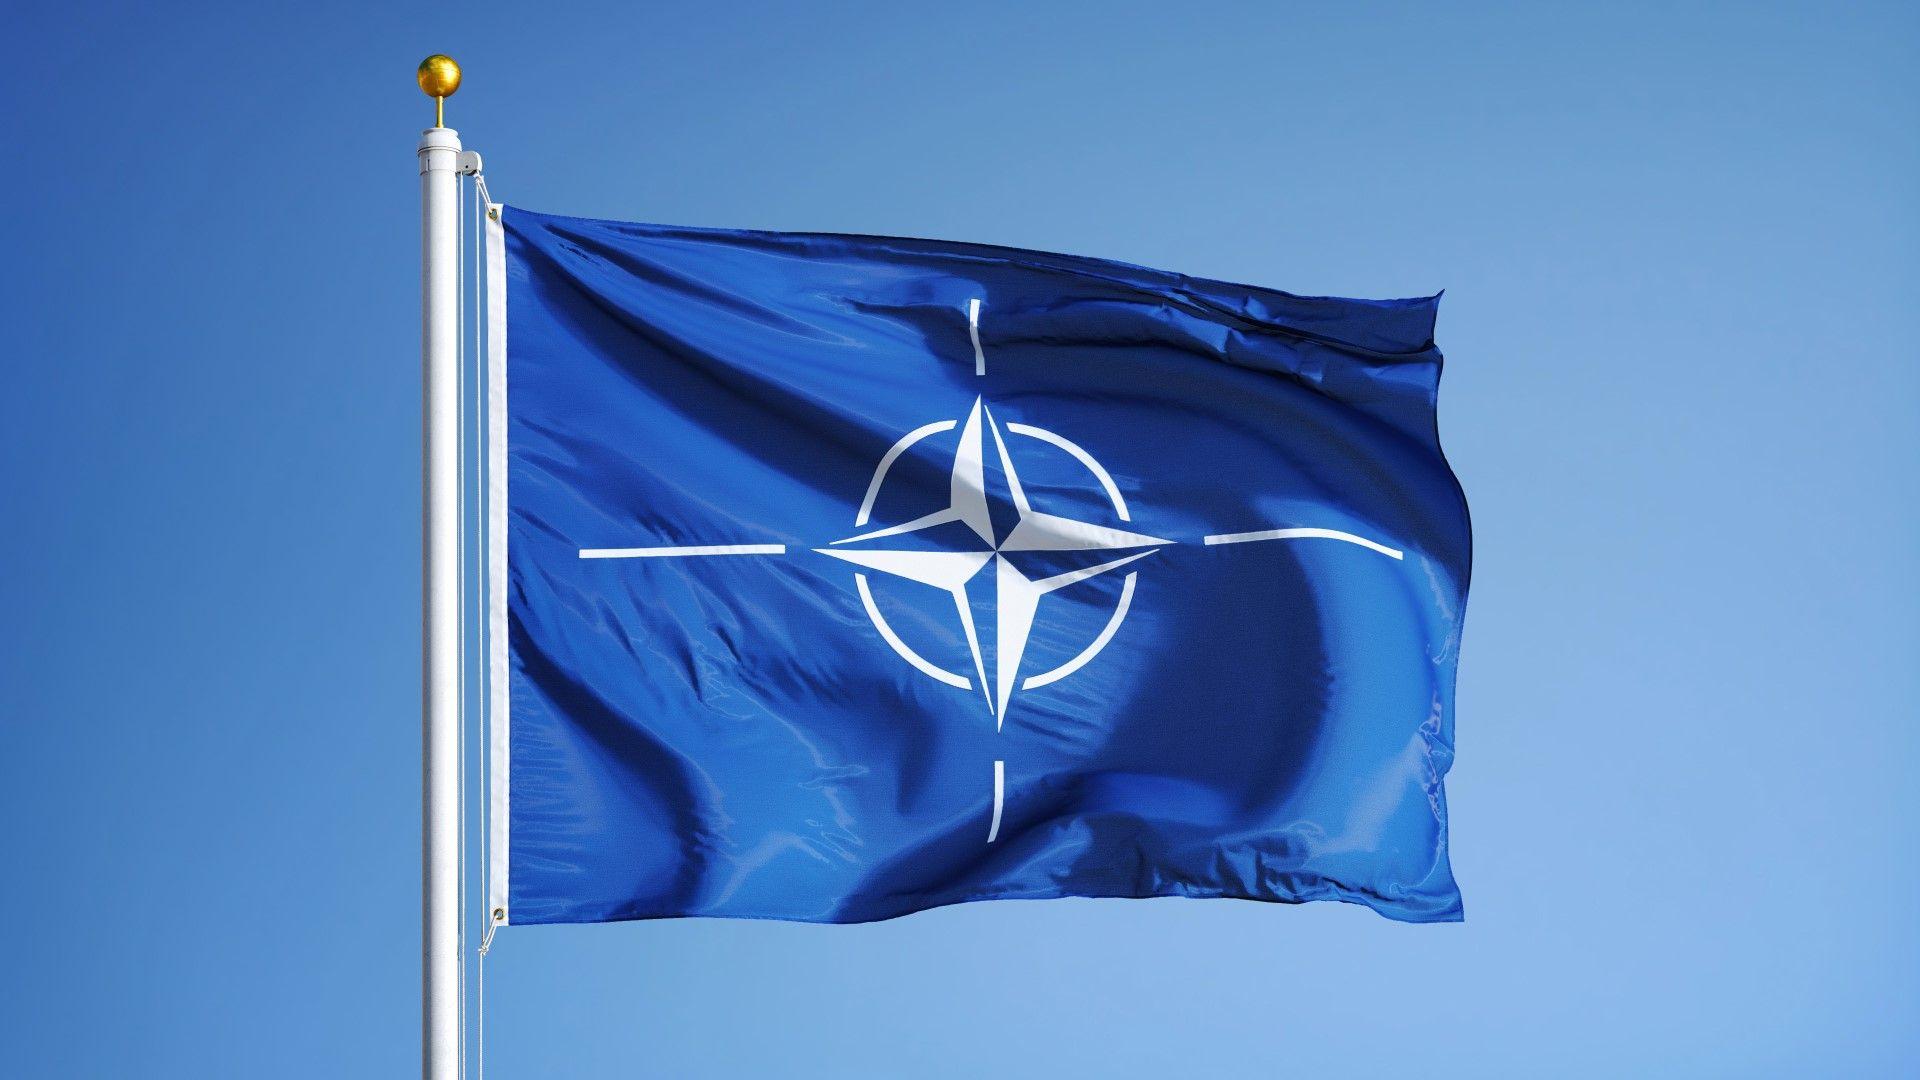 Ще останат ли военни съюзници Европа и САЩ?